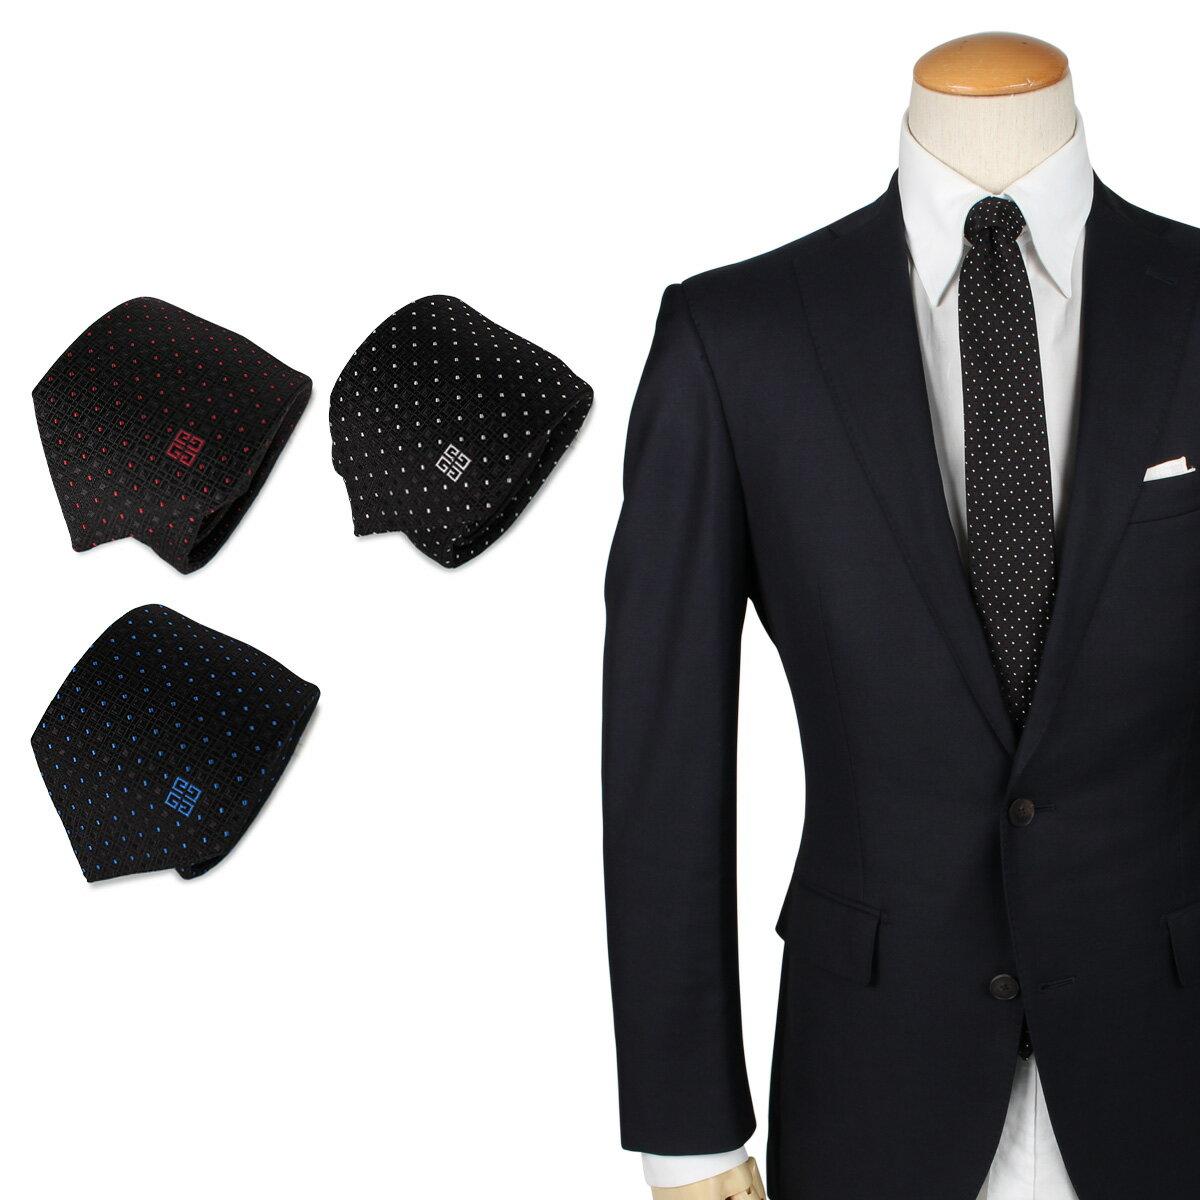 スーツ用ファッション小物, ネクタイ 1000OFF GIVENCHY TIE J3031